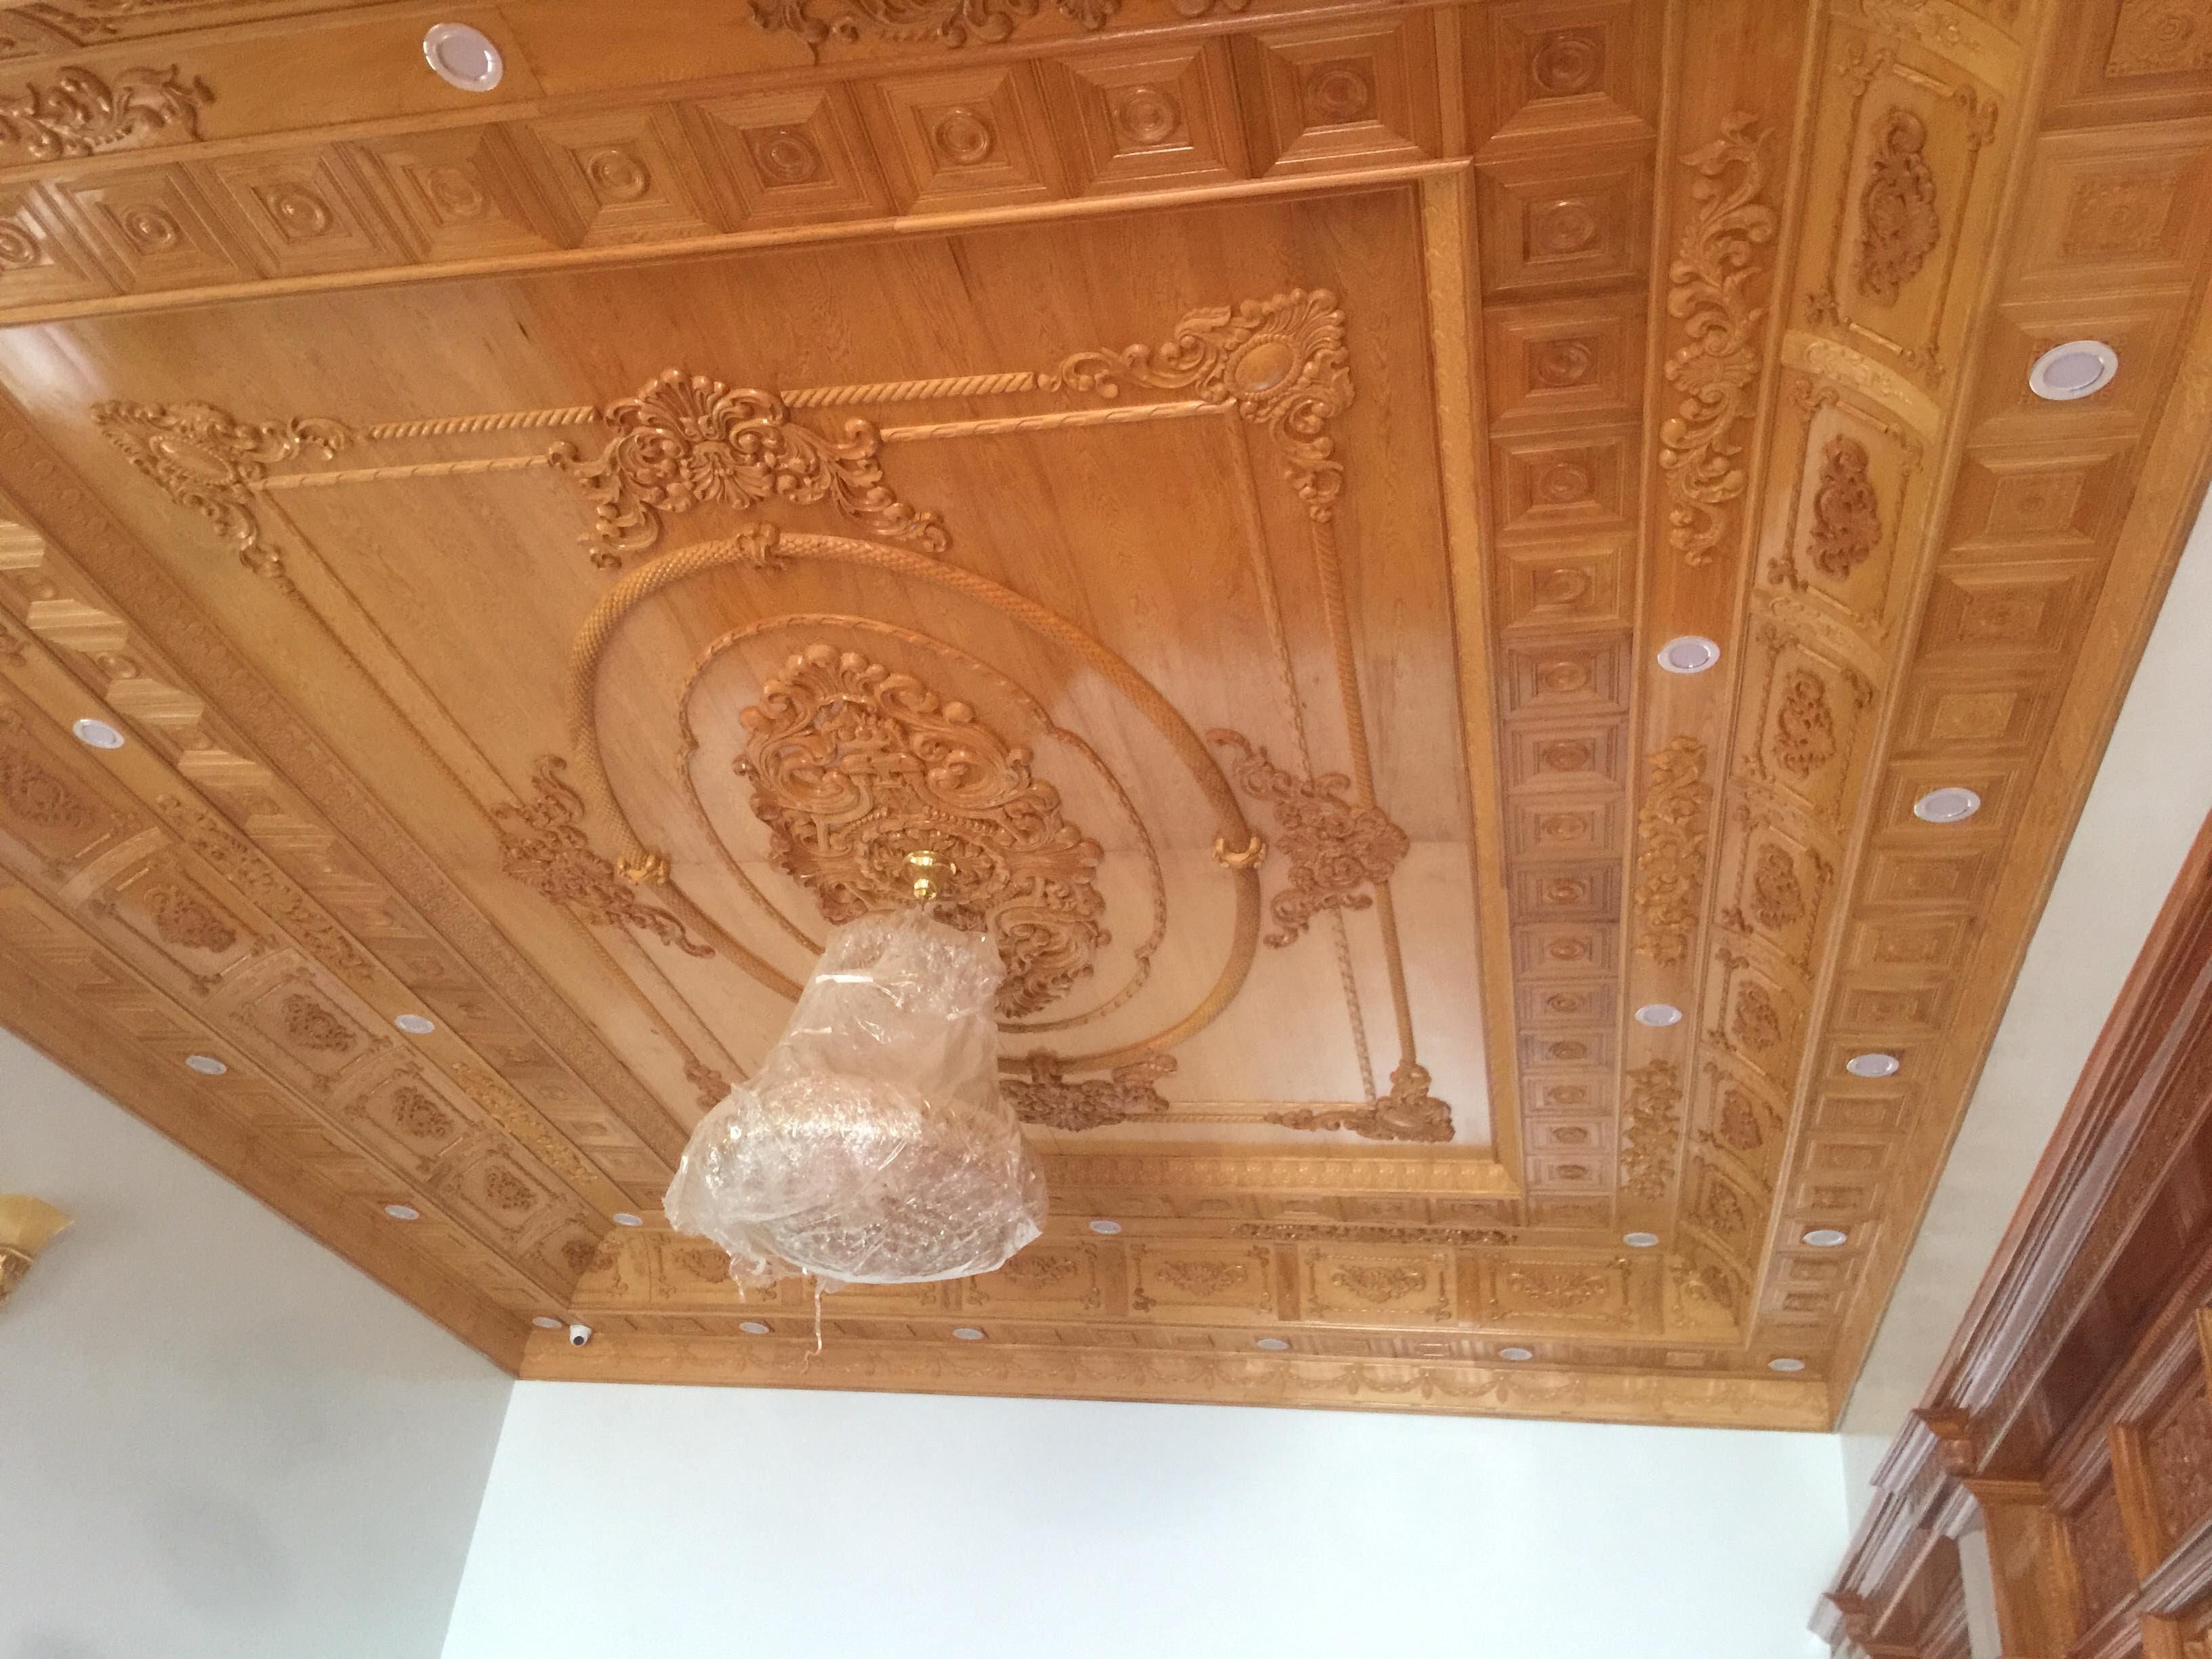 trần gỗ đẹp tại Hà Nội